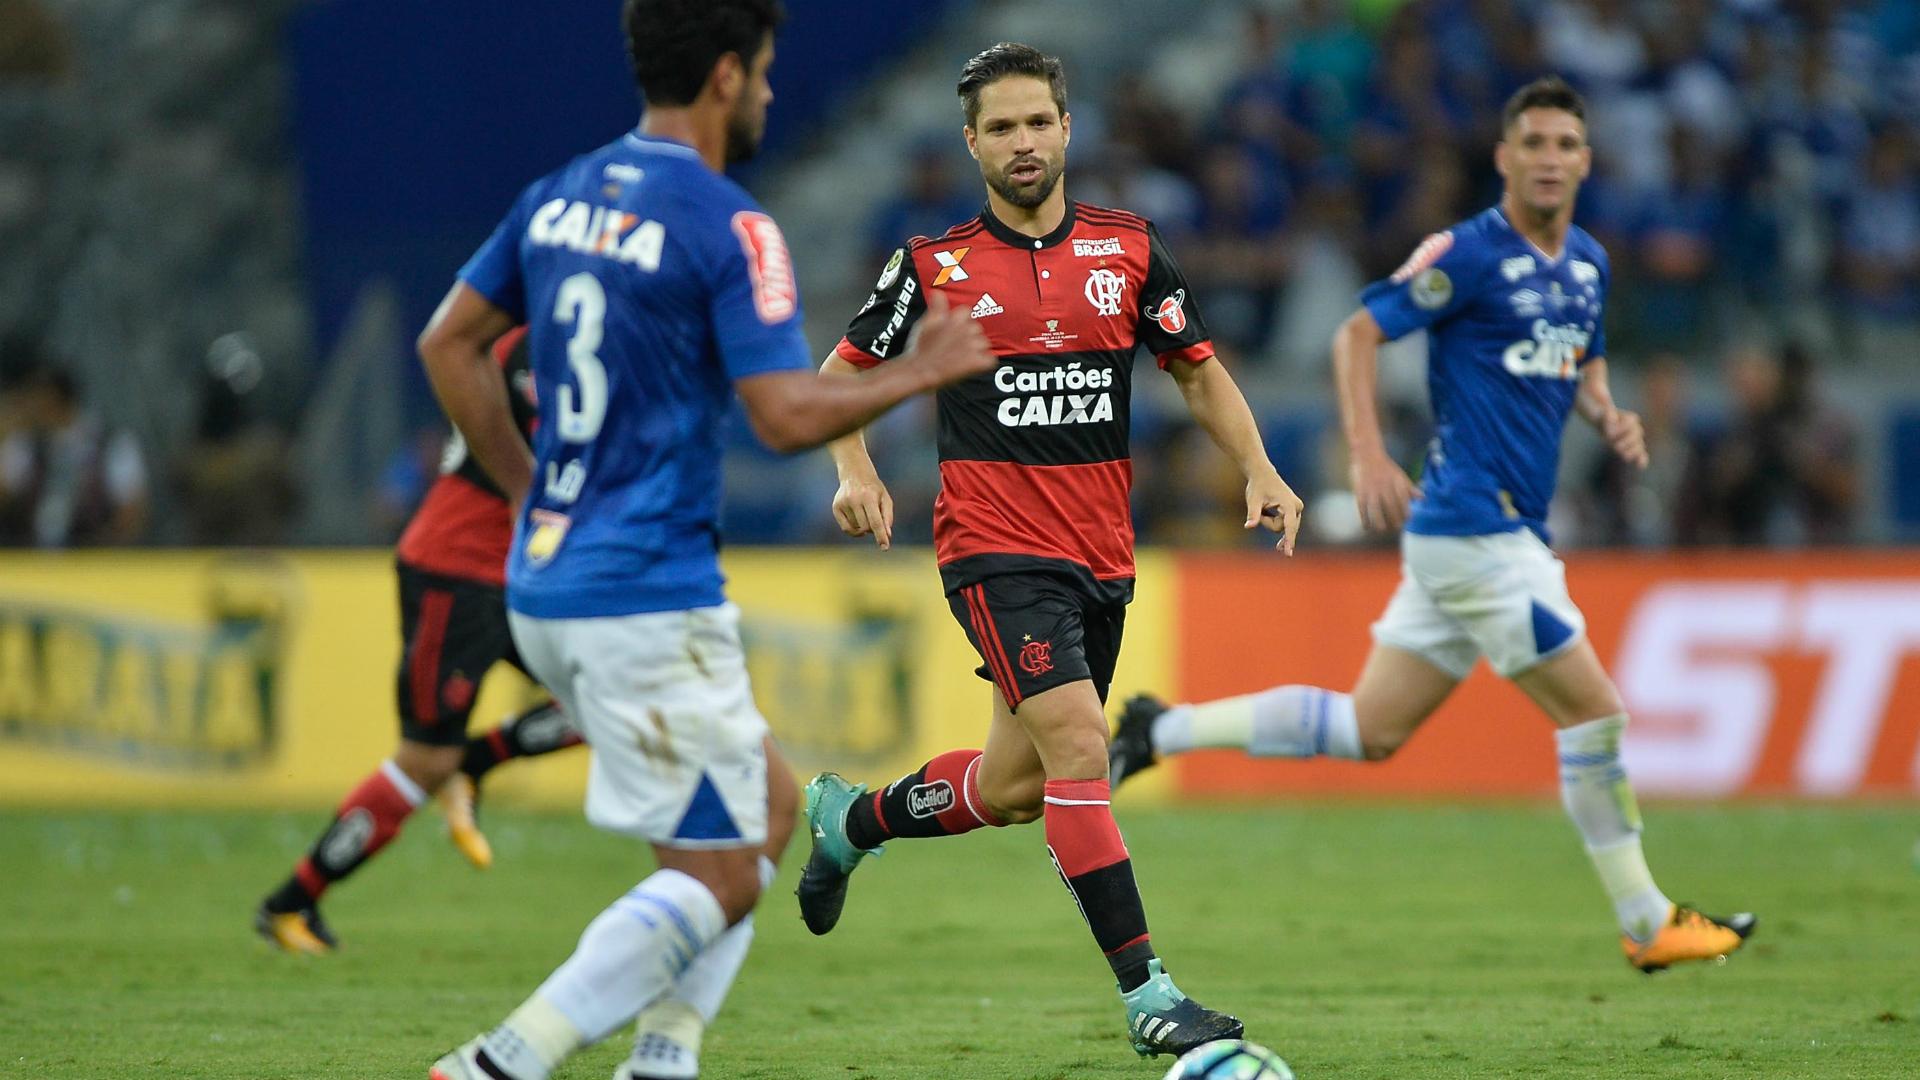 Diego Léo I Flamengo Cruzeiro I 27 09 17